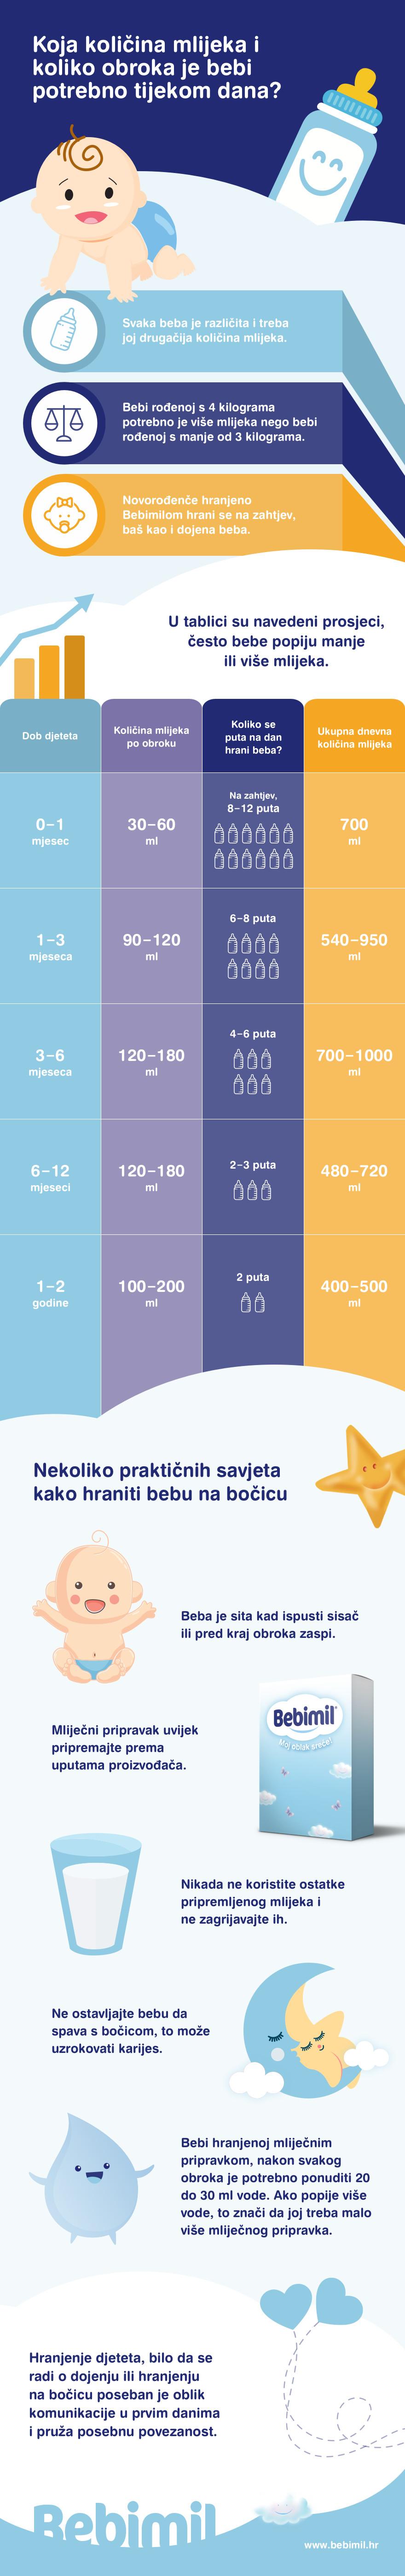 infografika, bebimil